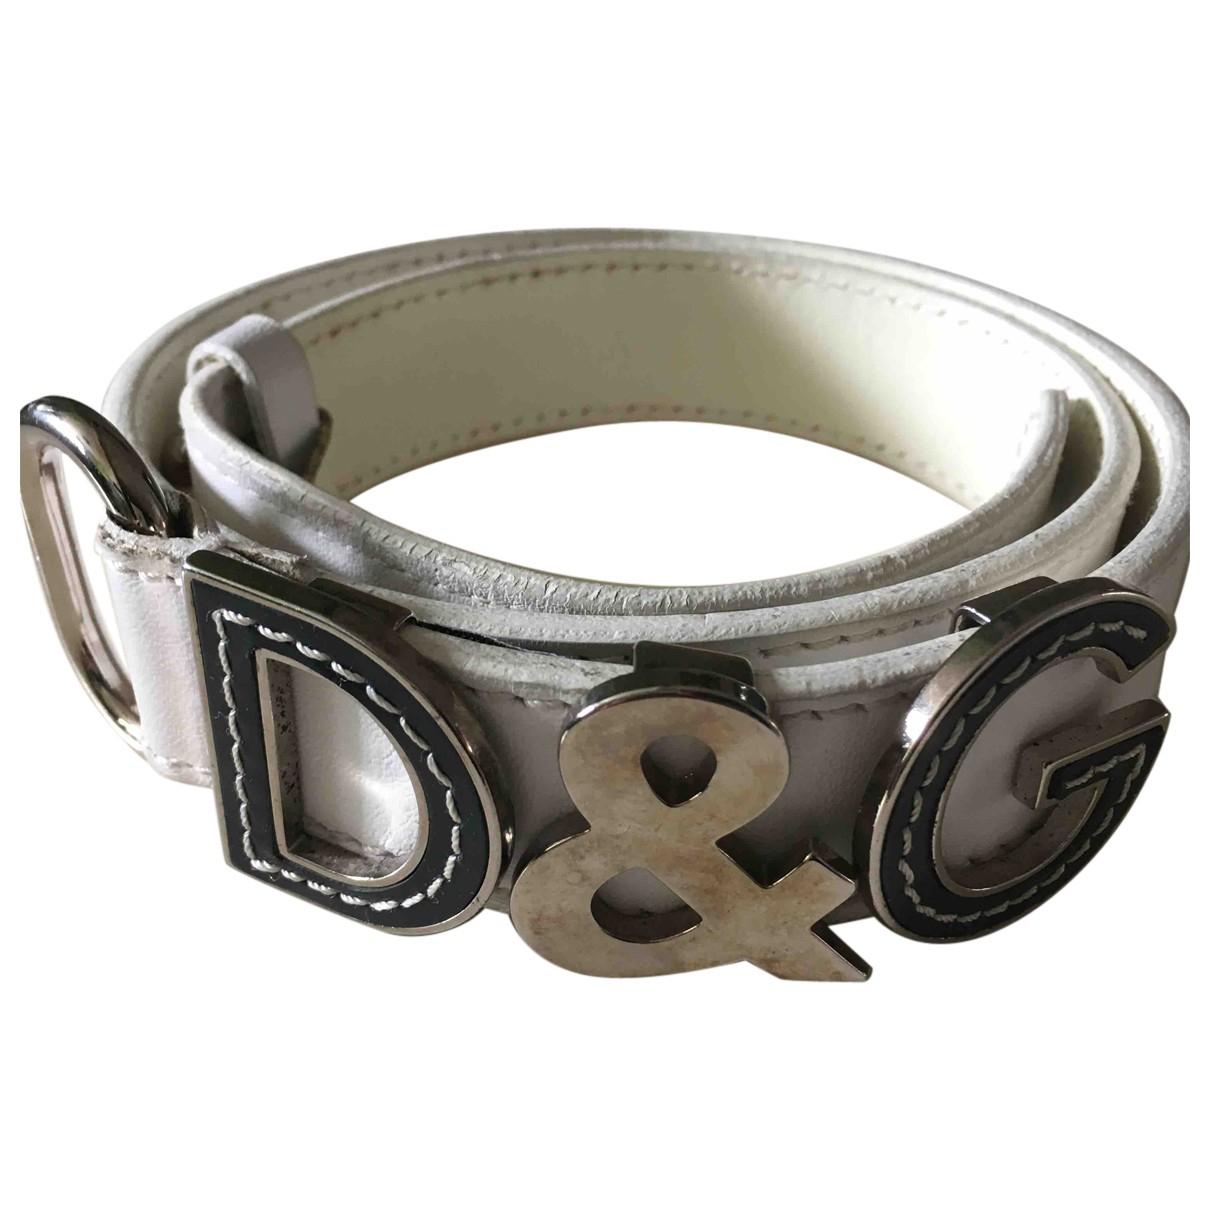 D&g N White Leather belt for Women XS International